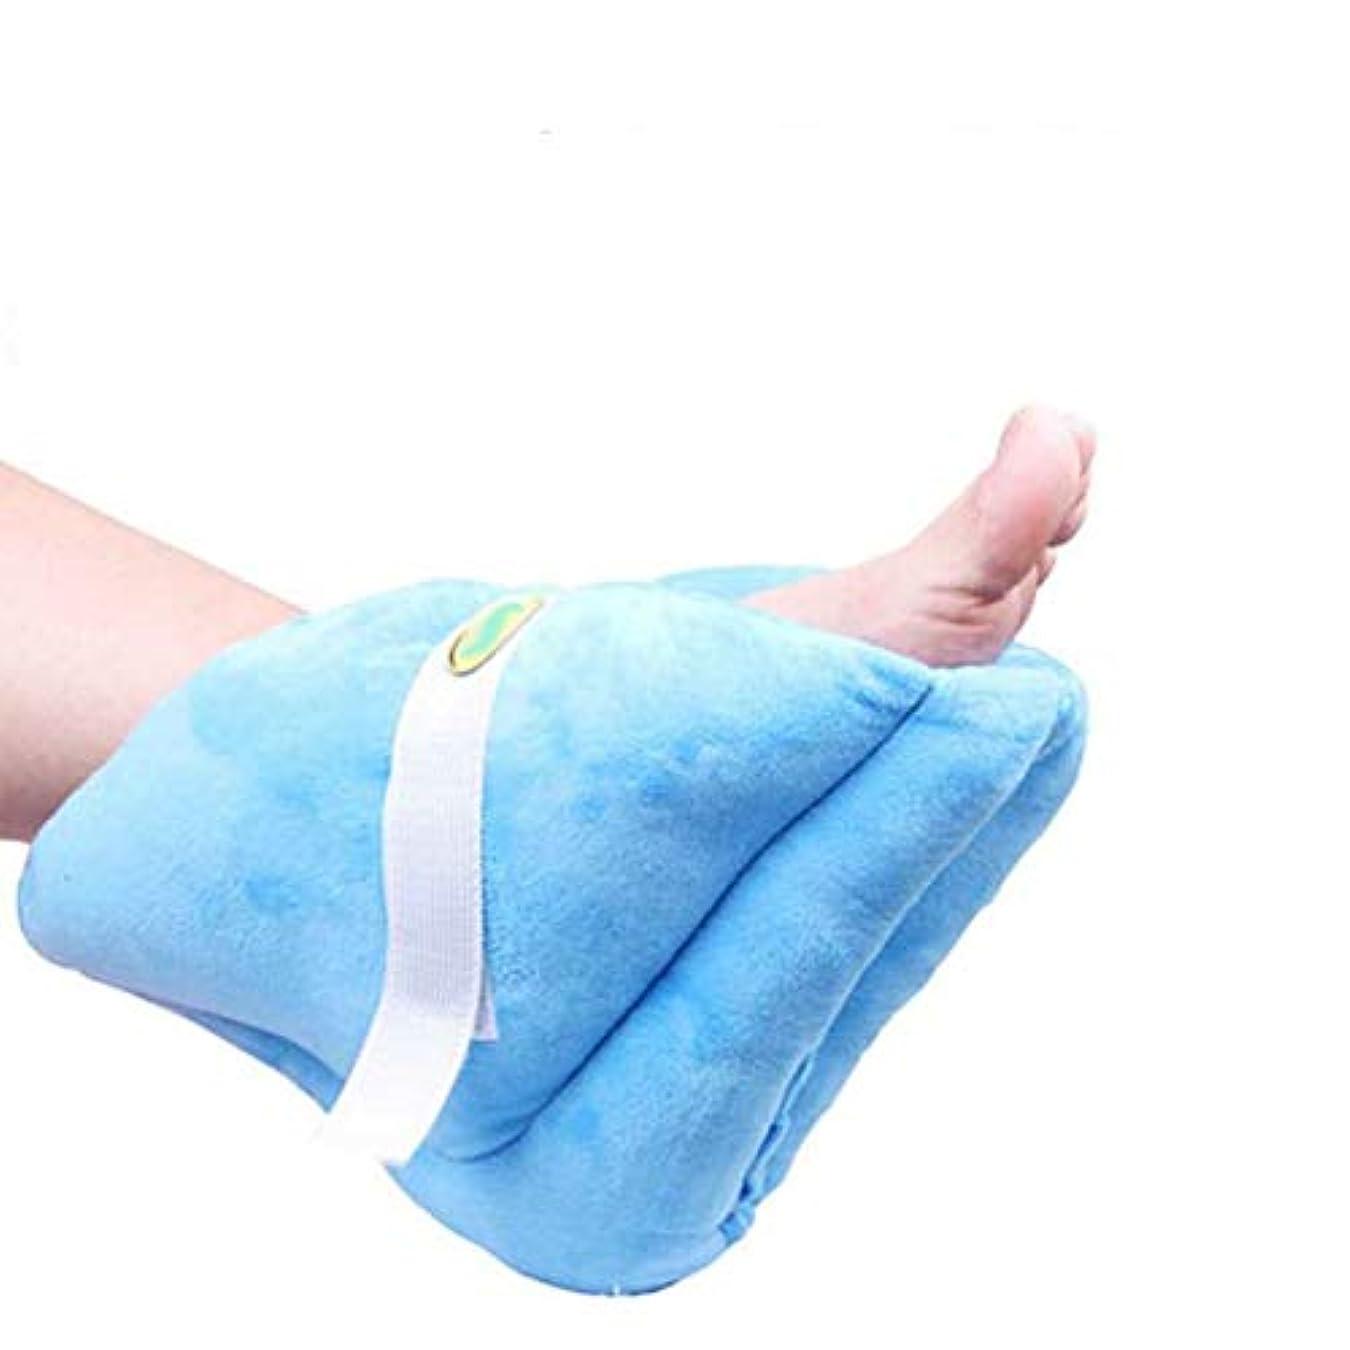 妻道に迷いました解決ヒールクッションプロテクター - 足と足首の枕 - ヒール保護ガード - 足、肘、かかと - ベッド&褥瘡を保護します,1pc